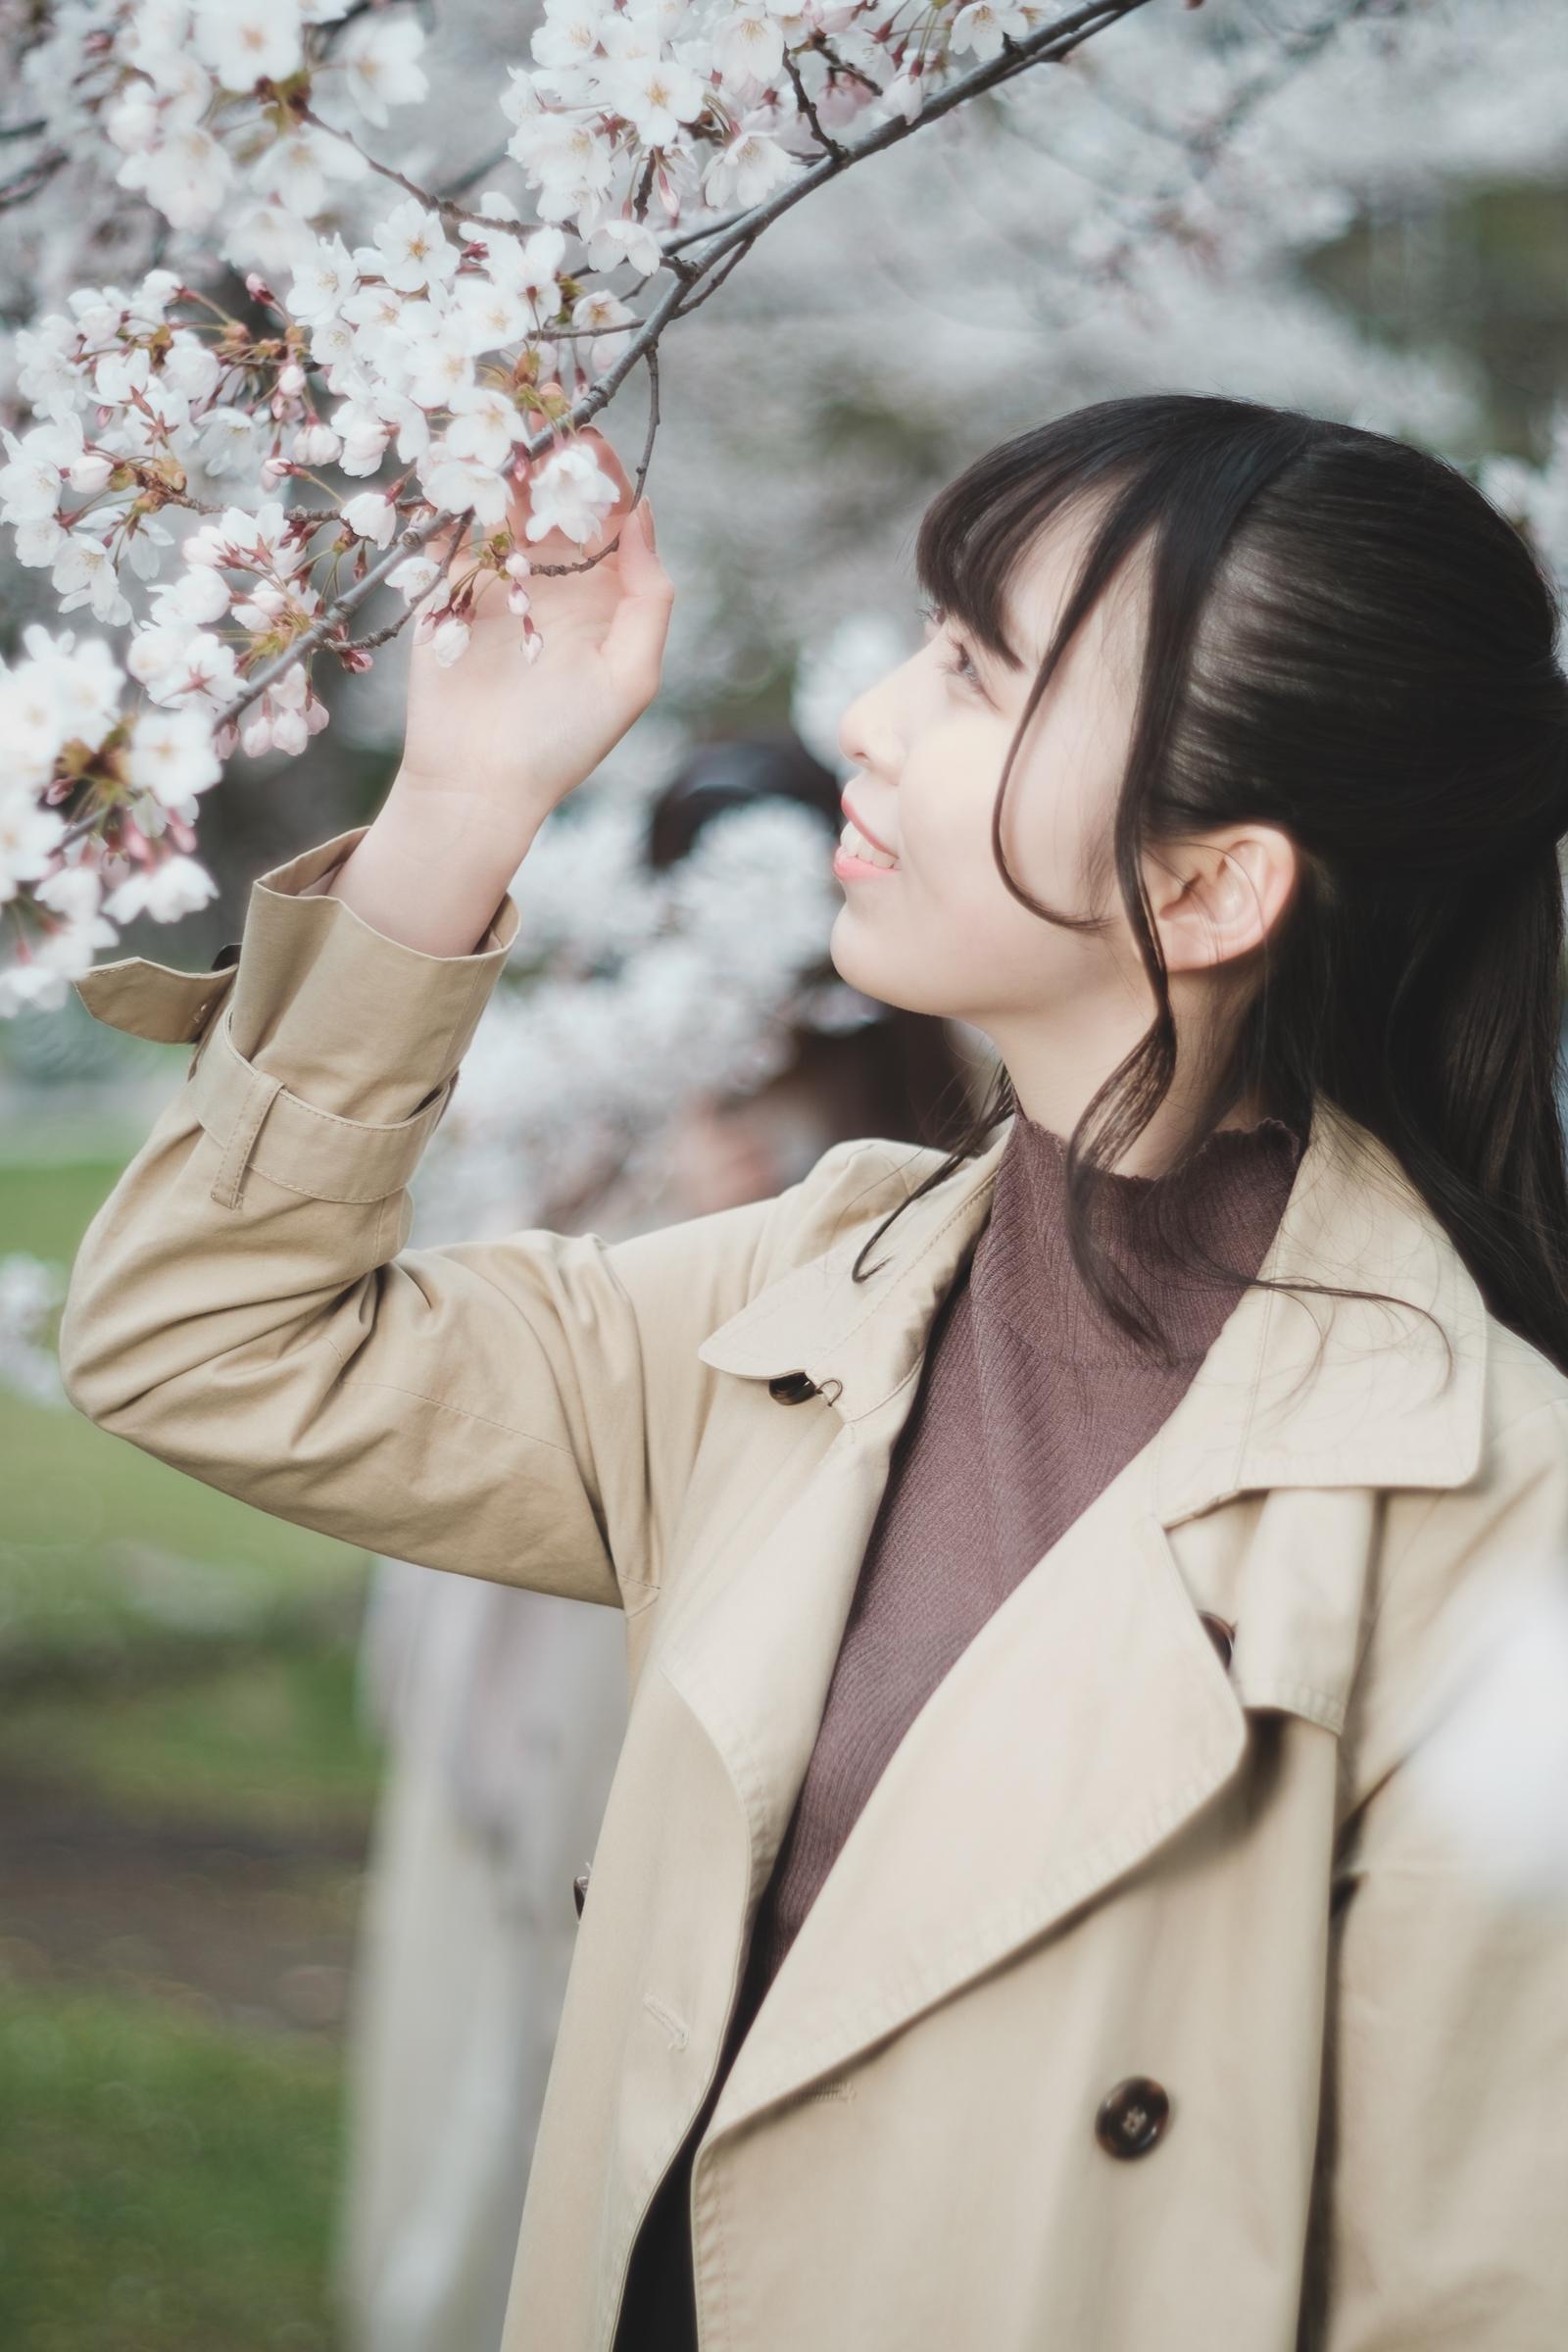 フルーティー♡ ゆいな ( 葉山結菜 )   SMP 札幌モデルプロ「桜」撮影会 at 中島公園